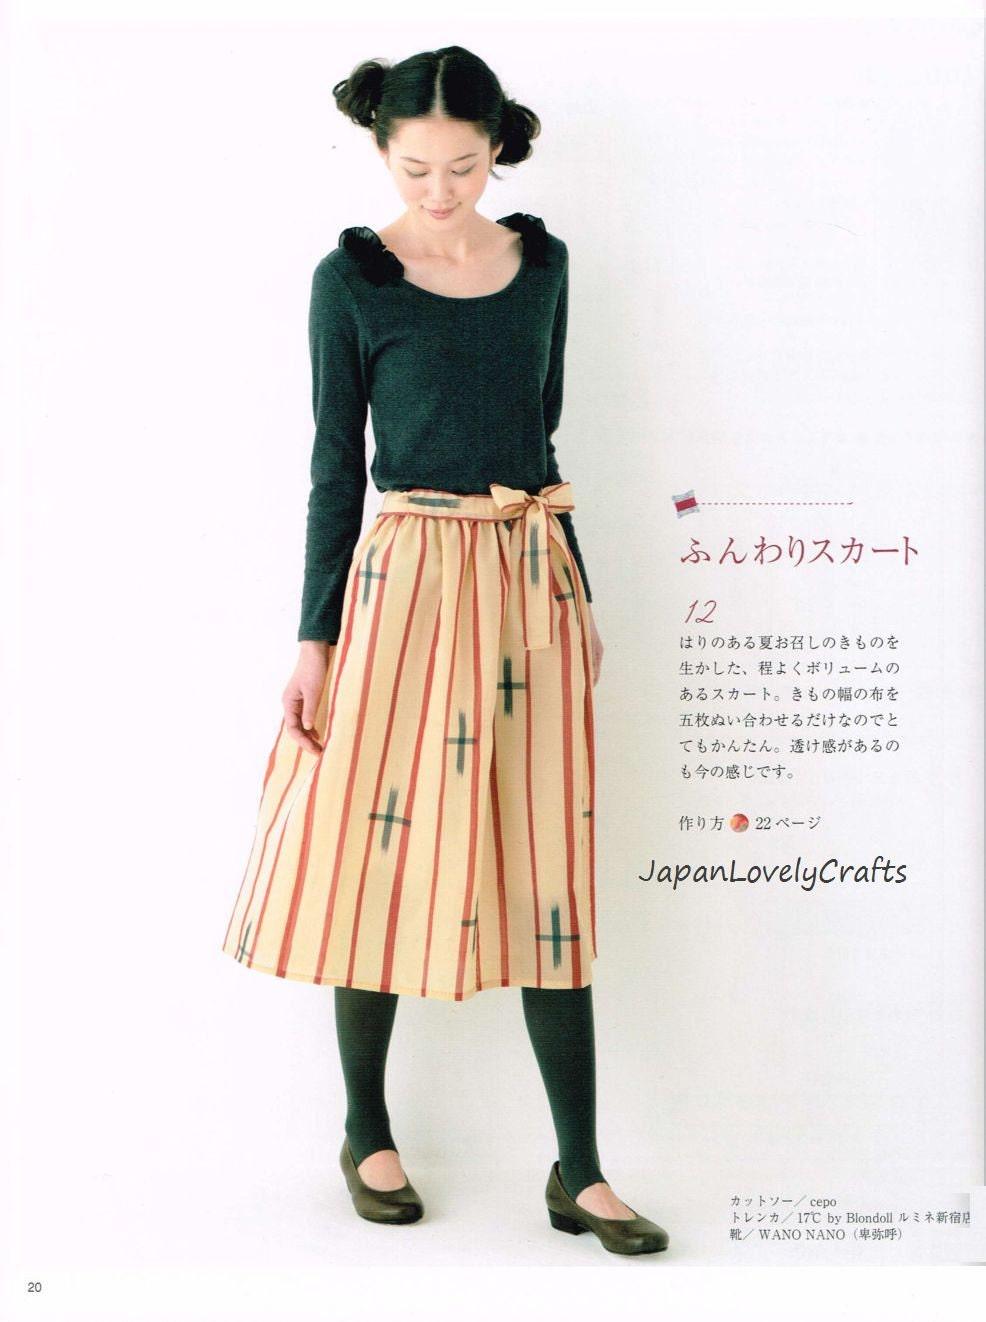 Kimono Kleid Muster Japanisches Handwerk Buch einfach nähen